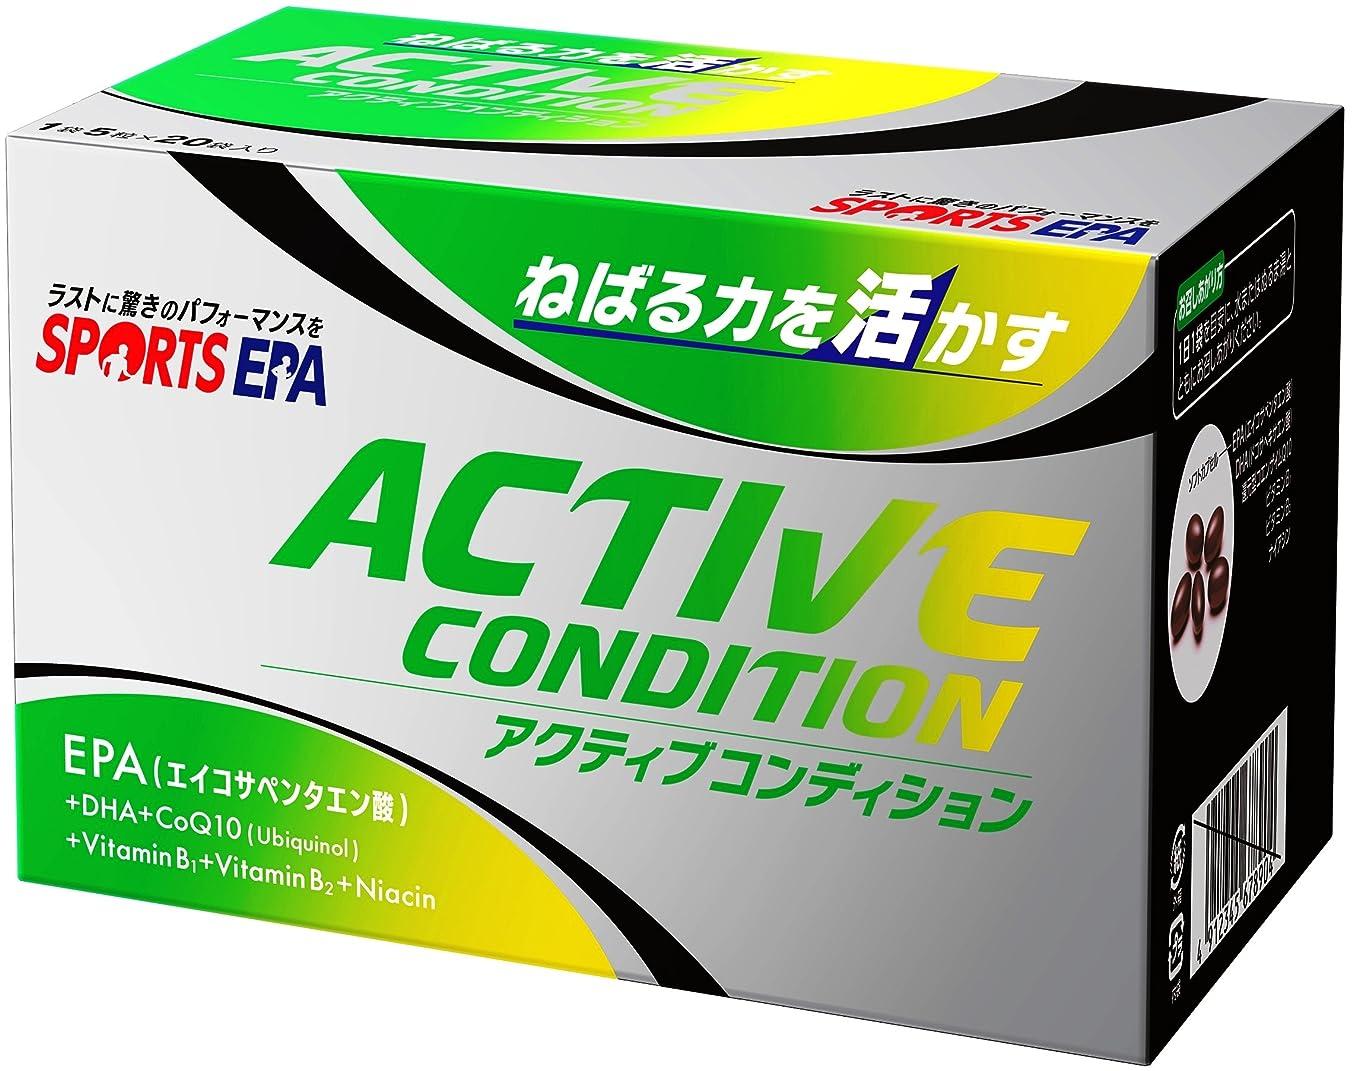 平均事業内容起きてSPORTS EPA ACTIVE CONDITION 分包 20袋